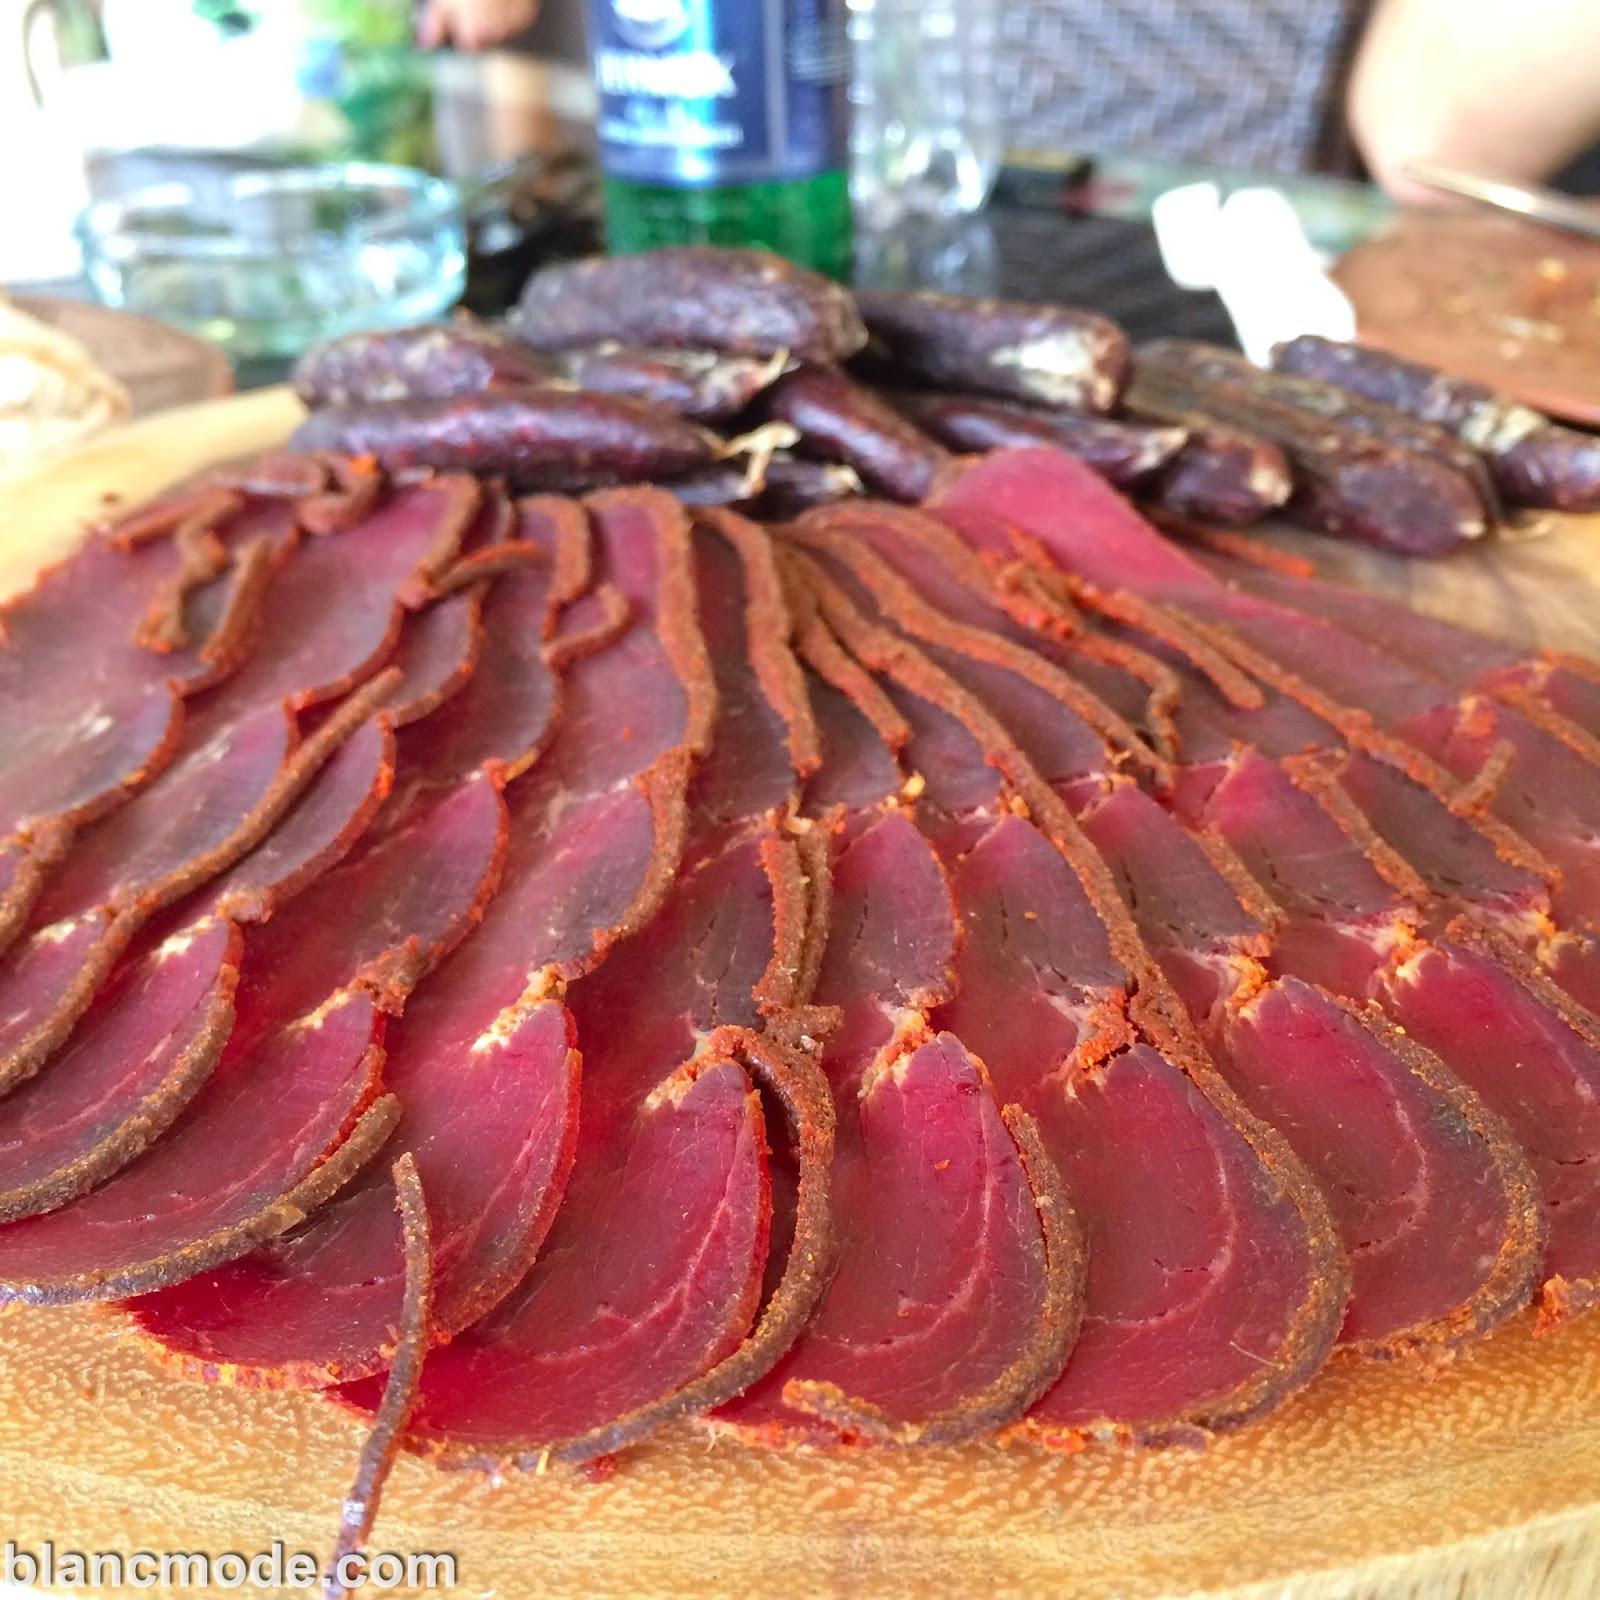 eating basterma in armenia